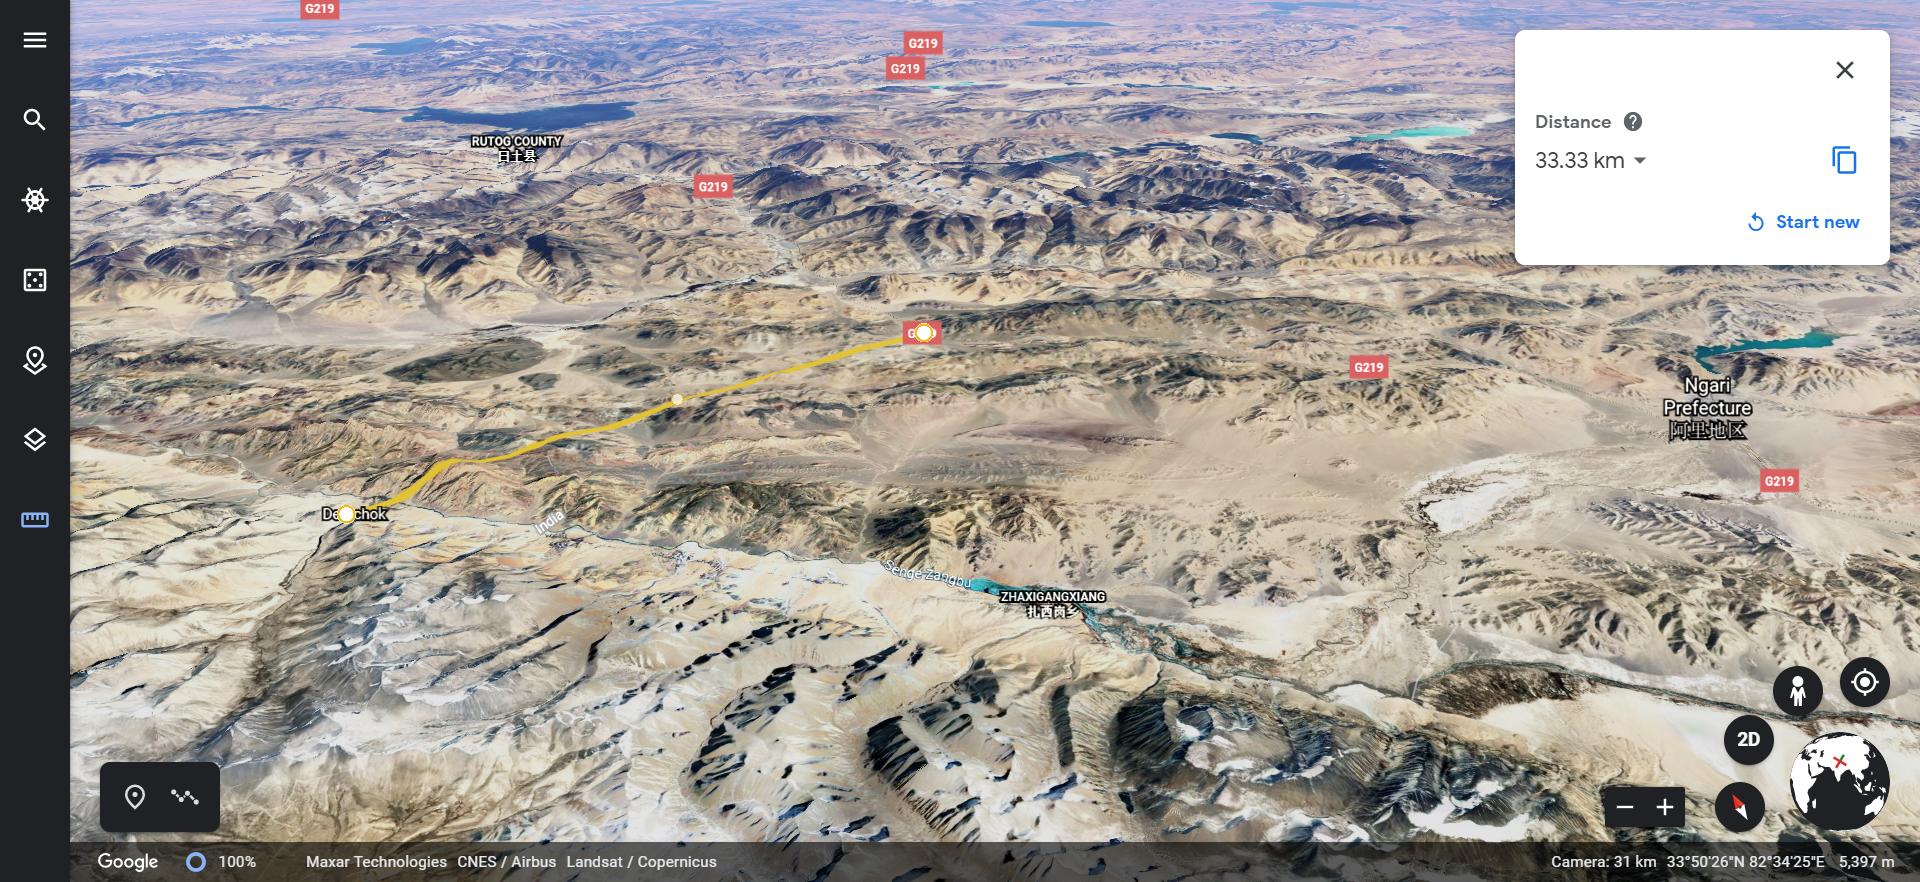 screencapture-earth-google-web-32-63650303-79-72792571-4424-97945802a-66511-25200756d-35y-30-5...png